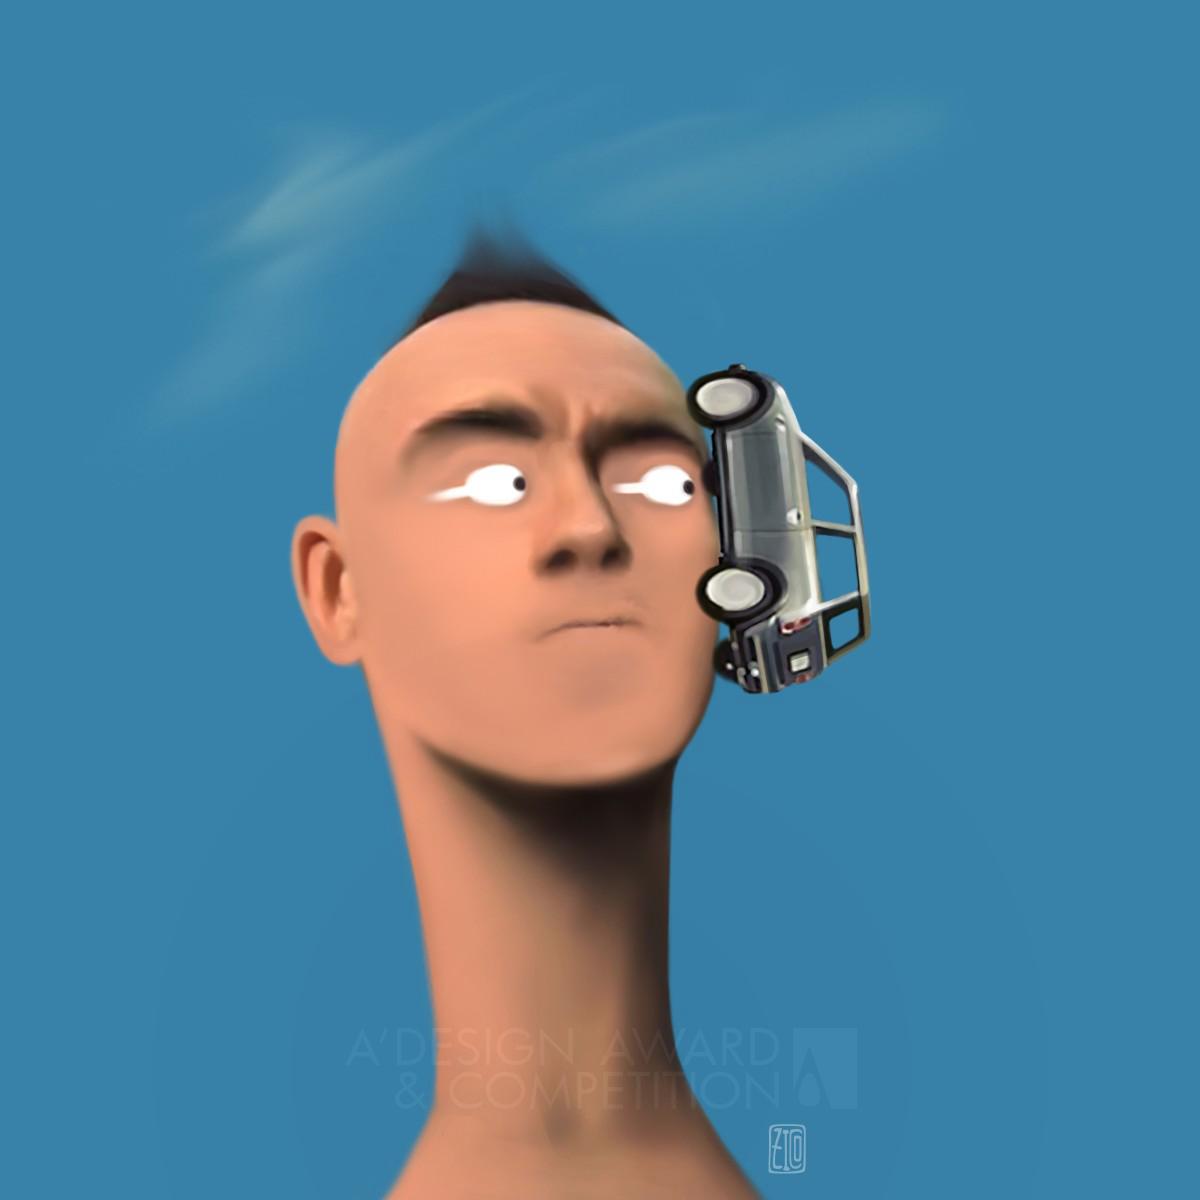 Crazy Head Digital Art